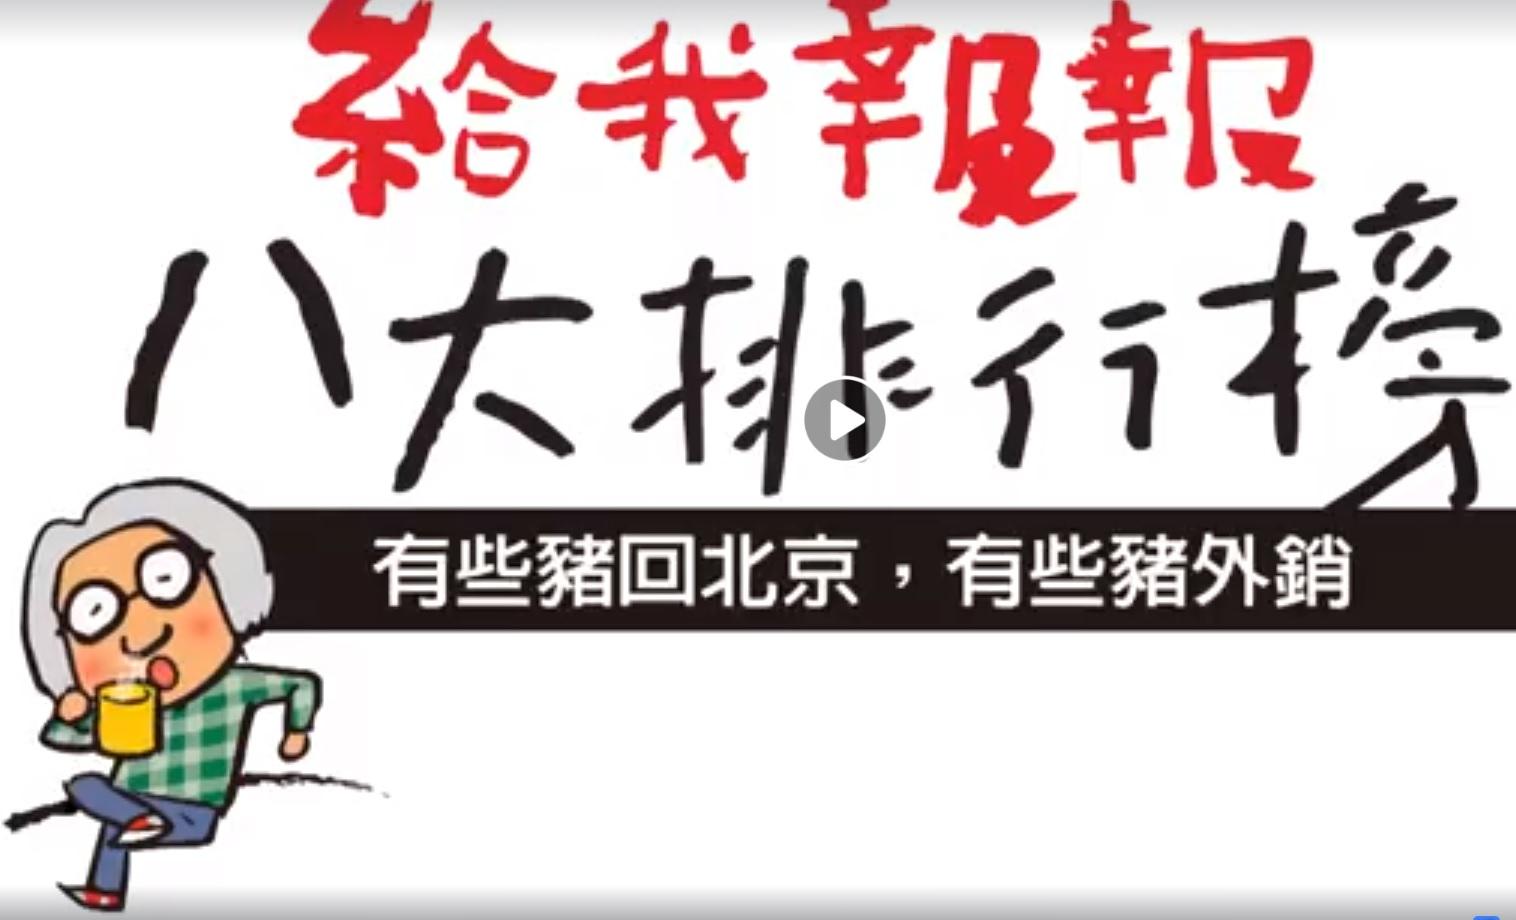 給我報報新聞八大排行榜 0613-0619